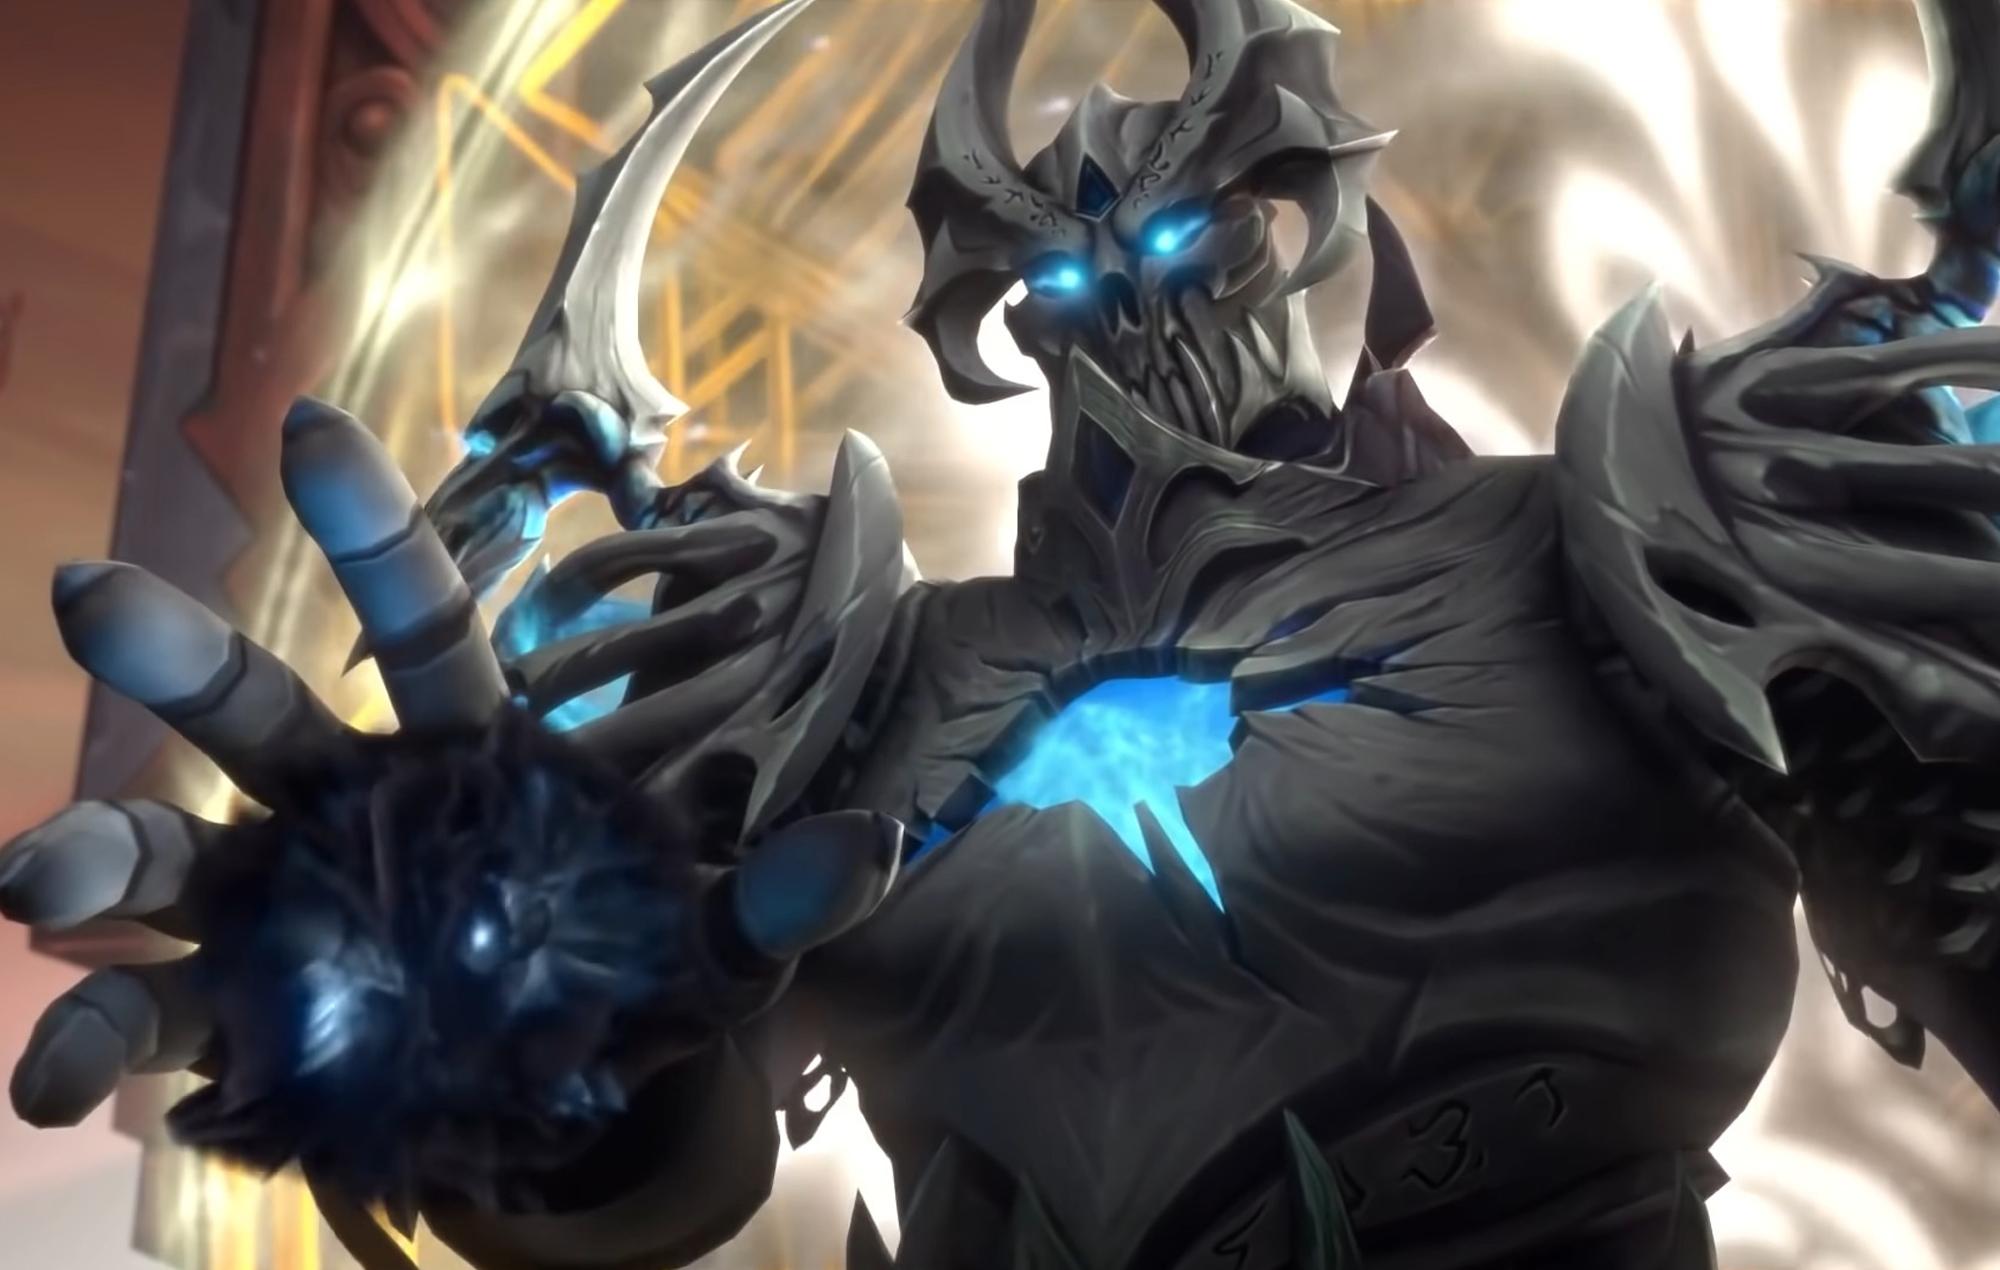 Das nächste 'World Of Warcraft'-Update entfernt weitere Entwicklernamen